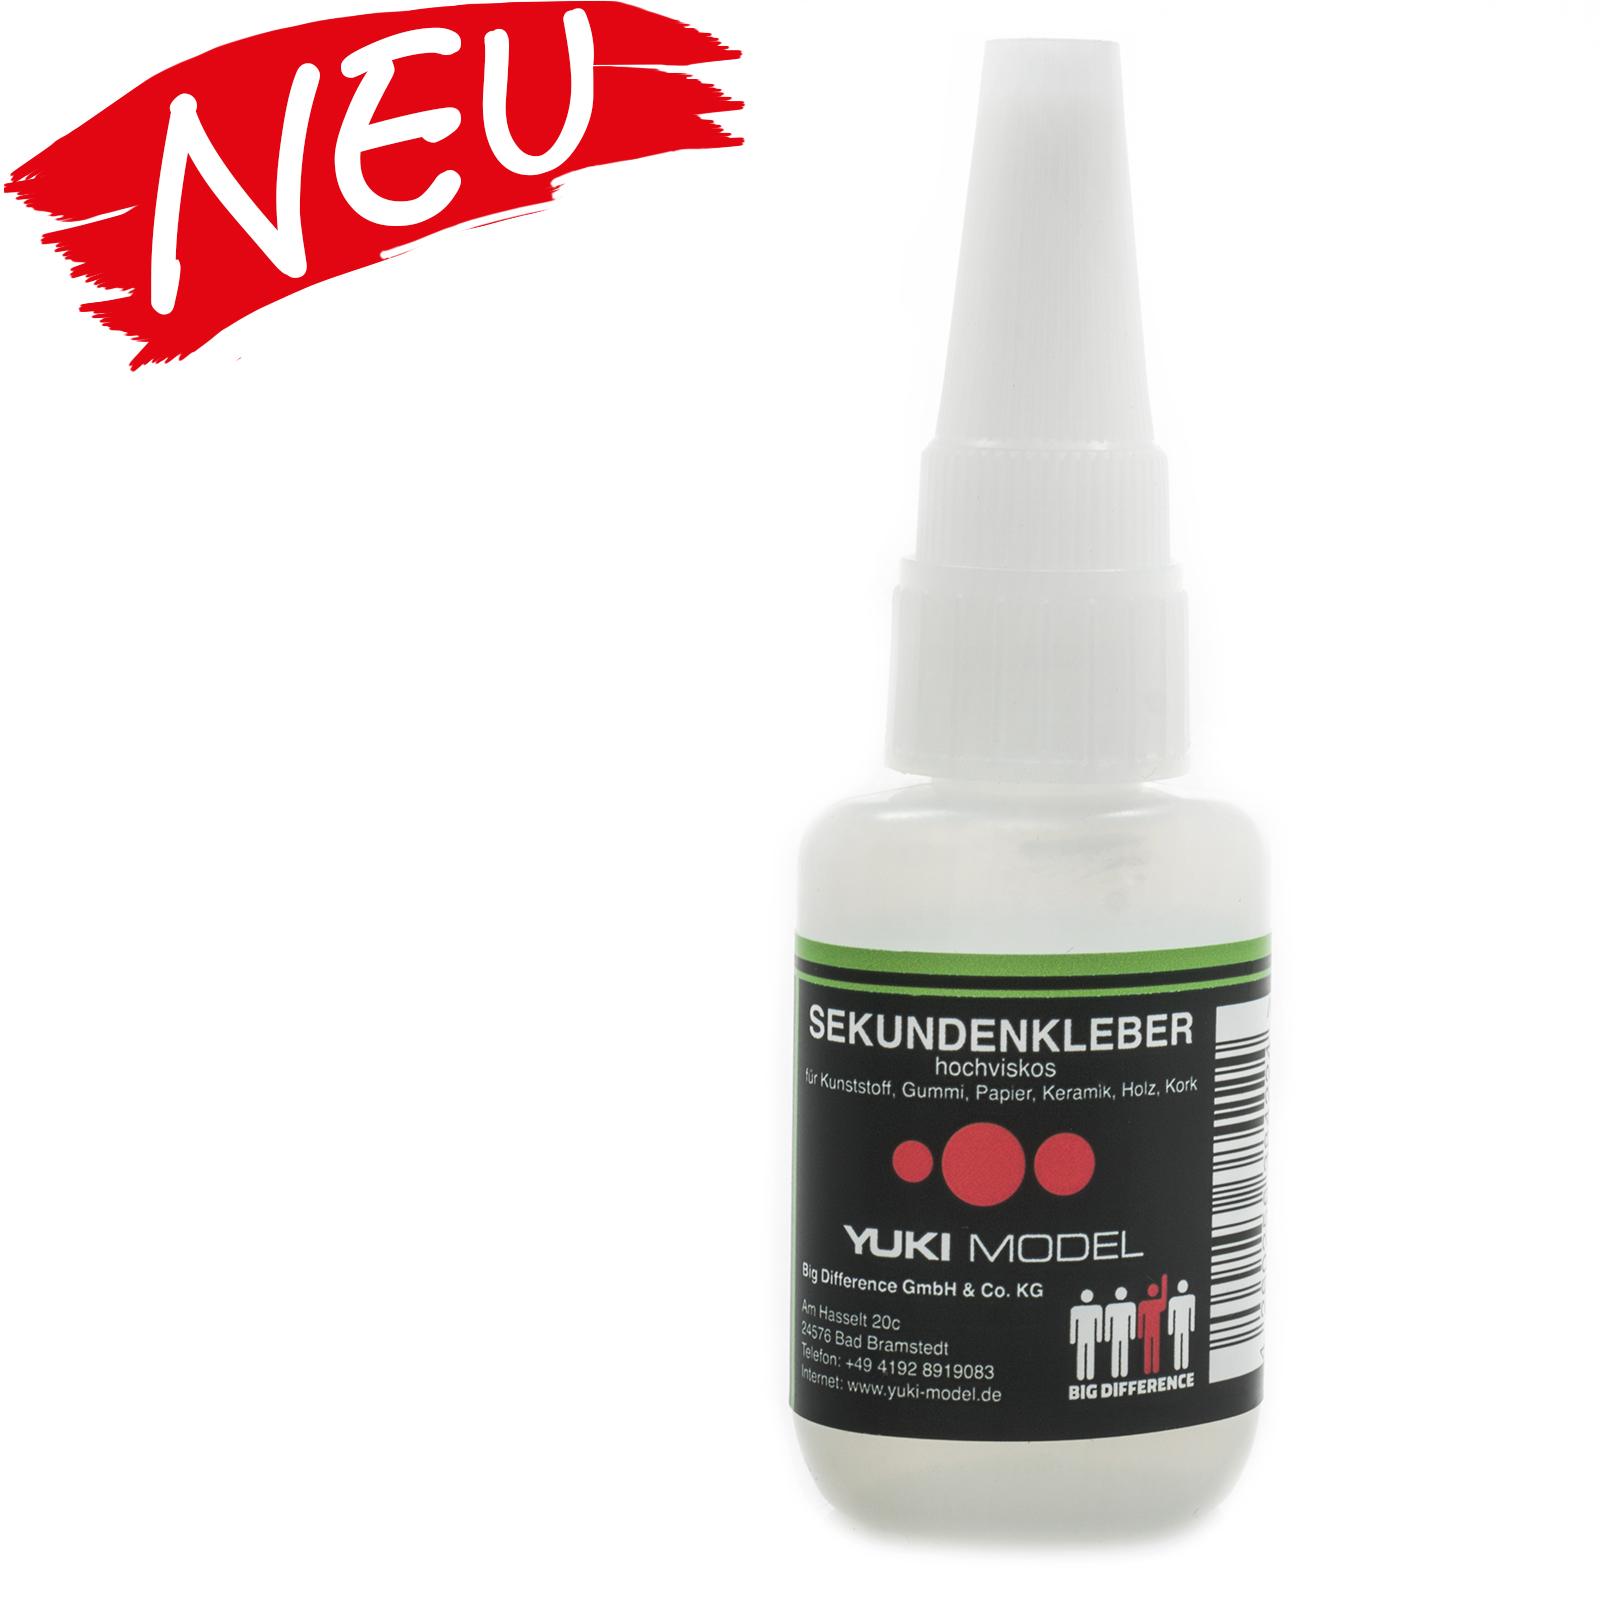 Sekundenkleber Cyanacrylat Superkleber 20g UV Protect Flasche dickflüssig wasserfest schnell trocken